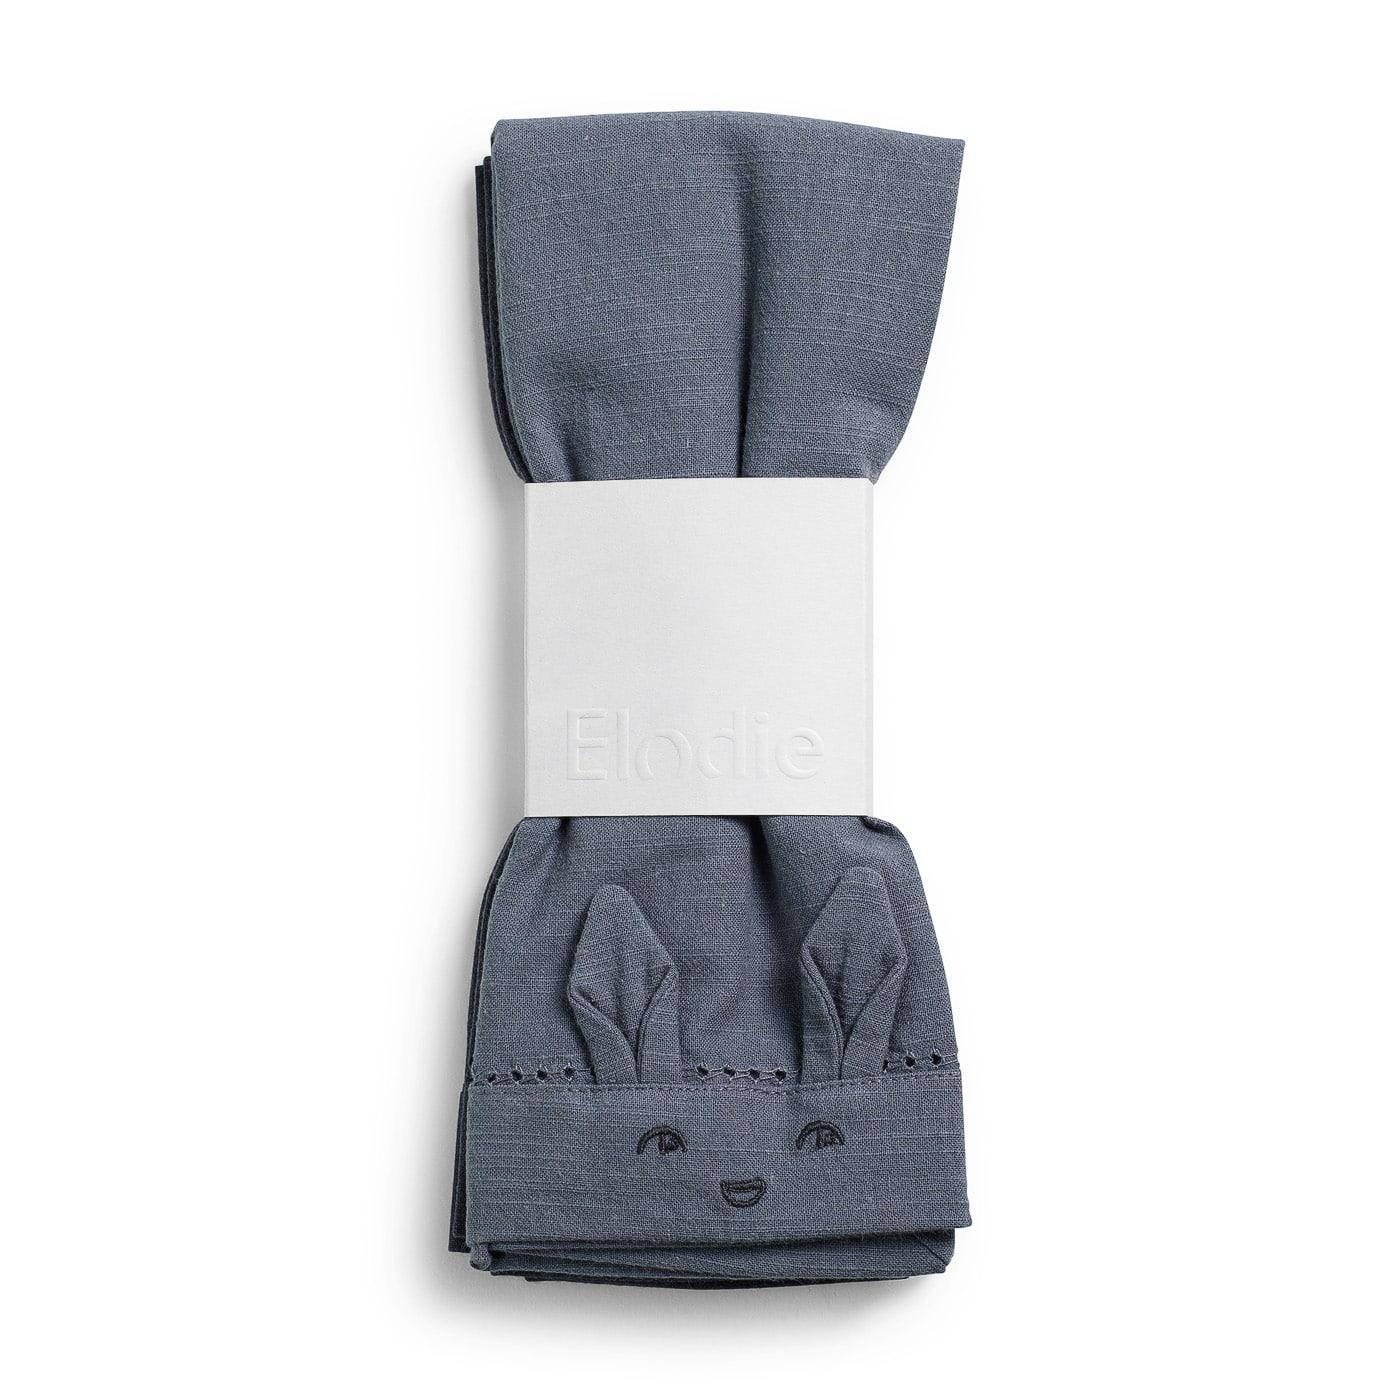 ELODIE DETAILS Πετσέτες Φαγητού Elodie Details Tender Blue / Juniper Blue